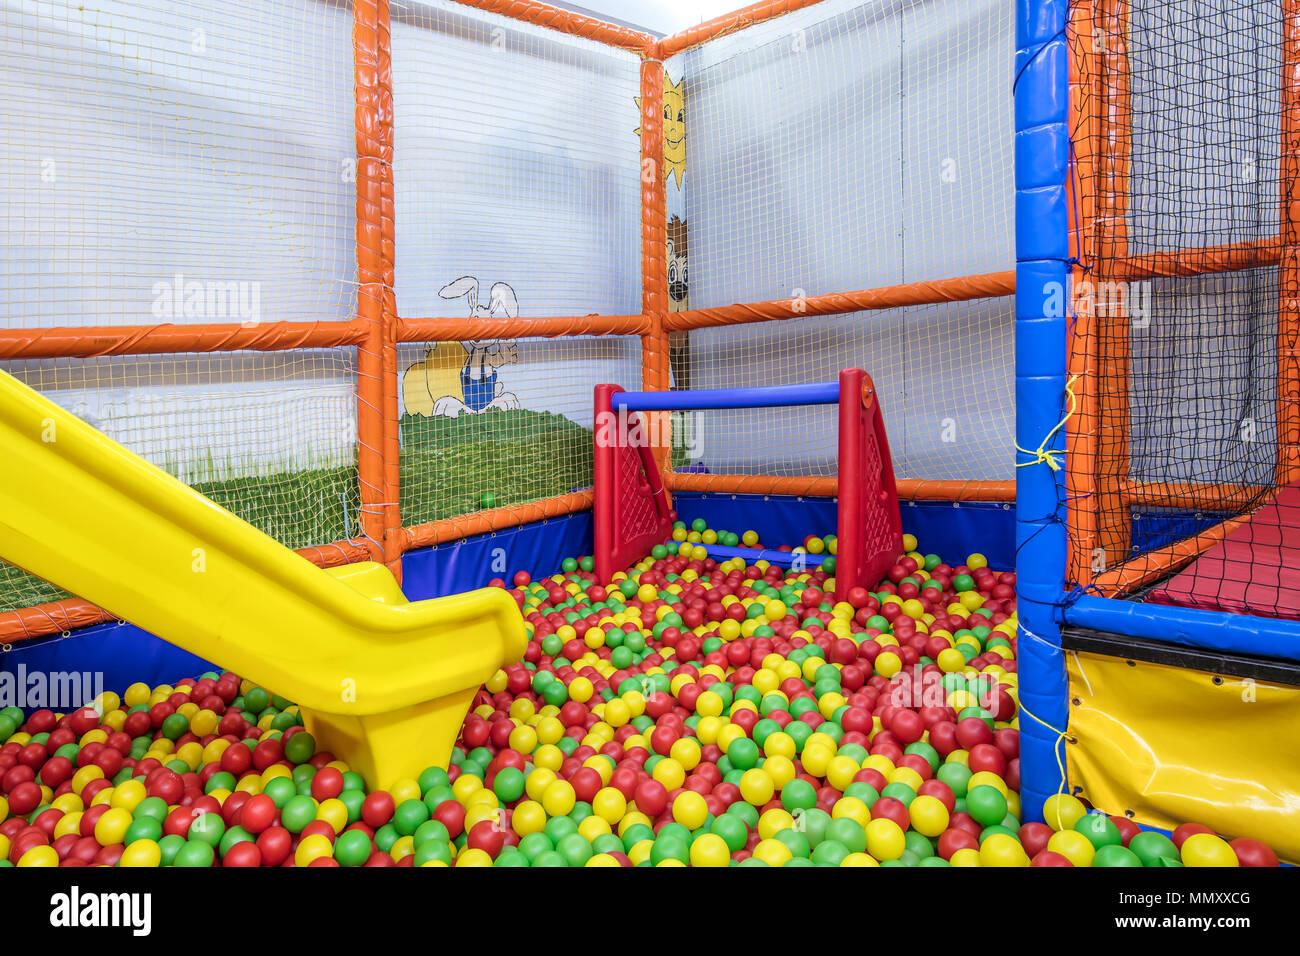 Istanbul Turkei 30 April 2018 Kinderspielplatz Im Restaurant Urlaub Party Fur Kinder Ein Spielzimmer Eine Box Gefullt Mit Kleinen Farbigen B Stockfotografie Alamy